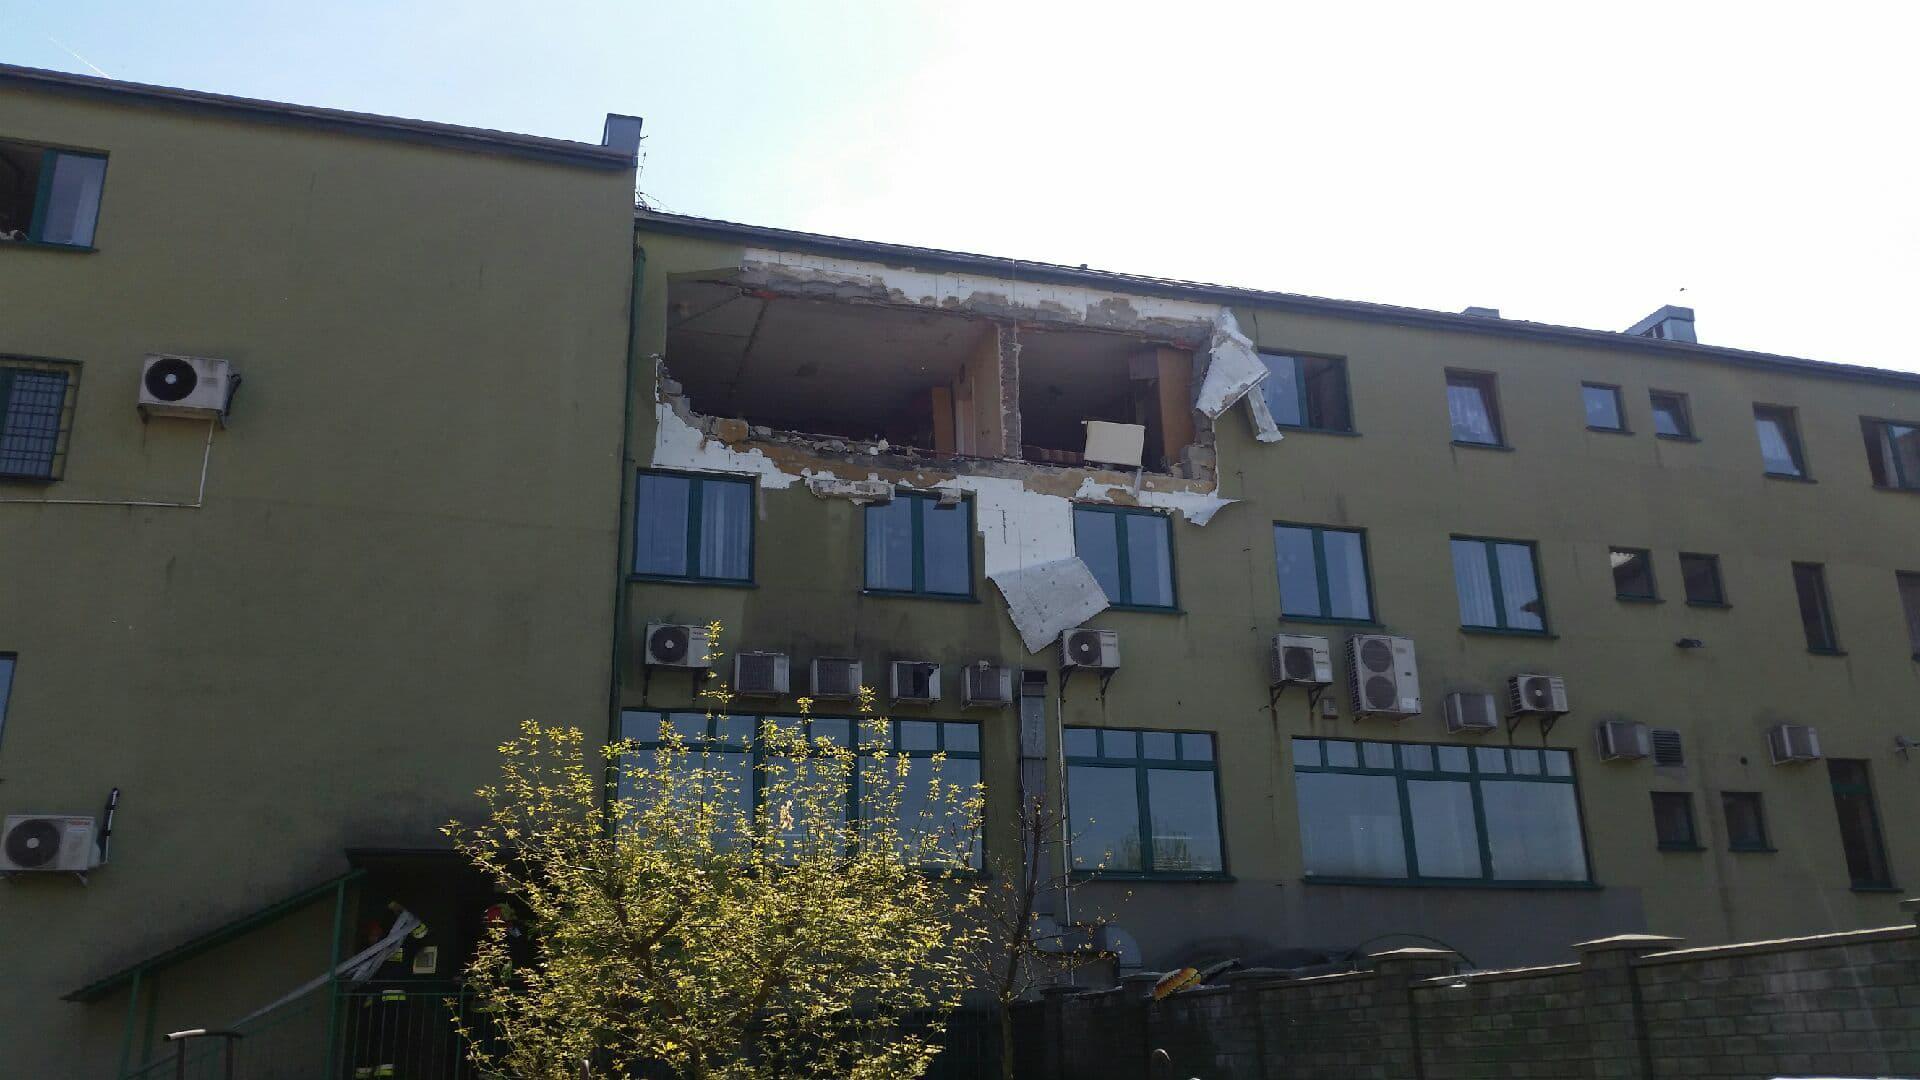 Rewelacyjny Wybuch gazu w bloku wielorodzinnym. ZDJĘCIA! - 112Malopolska.pl KL17